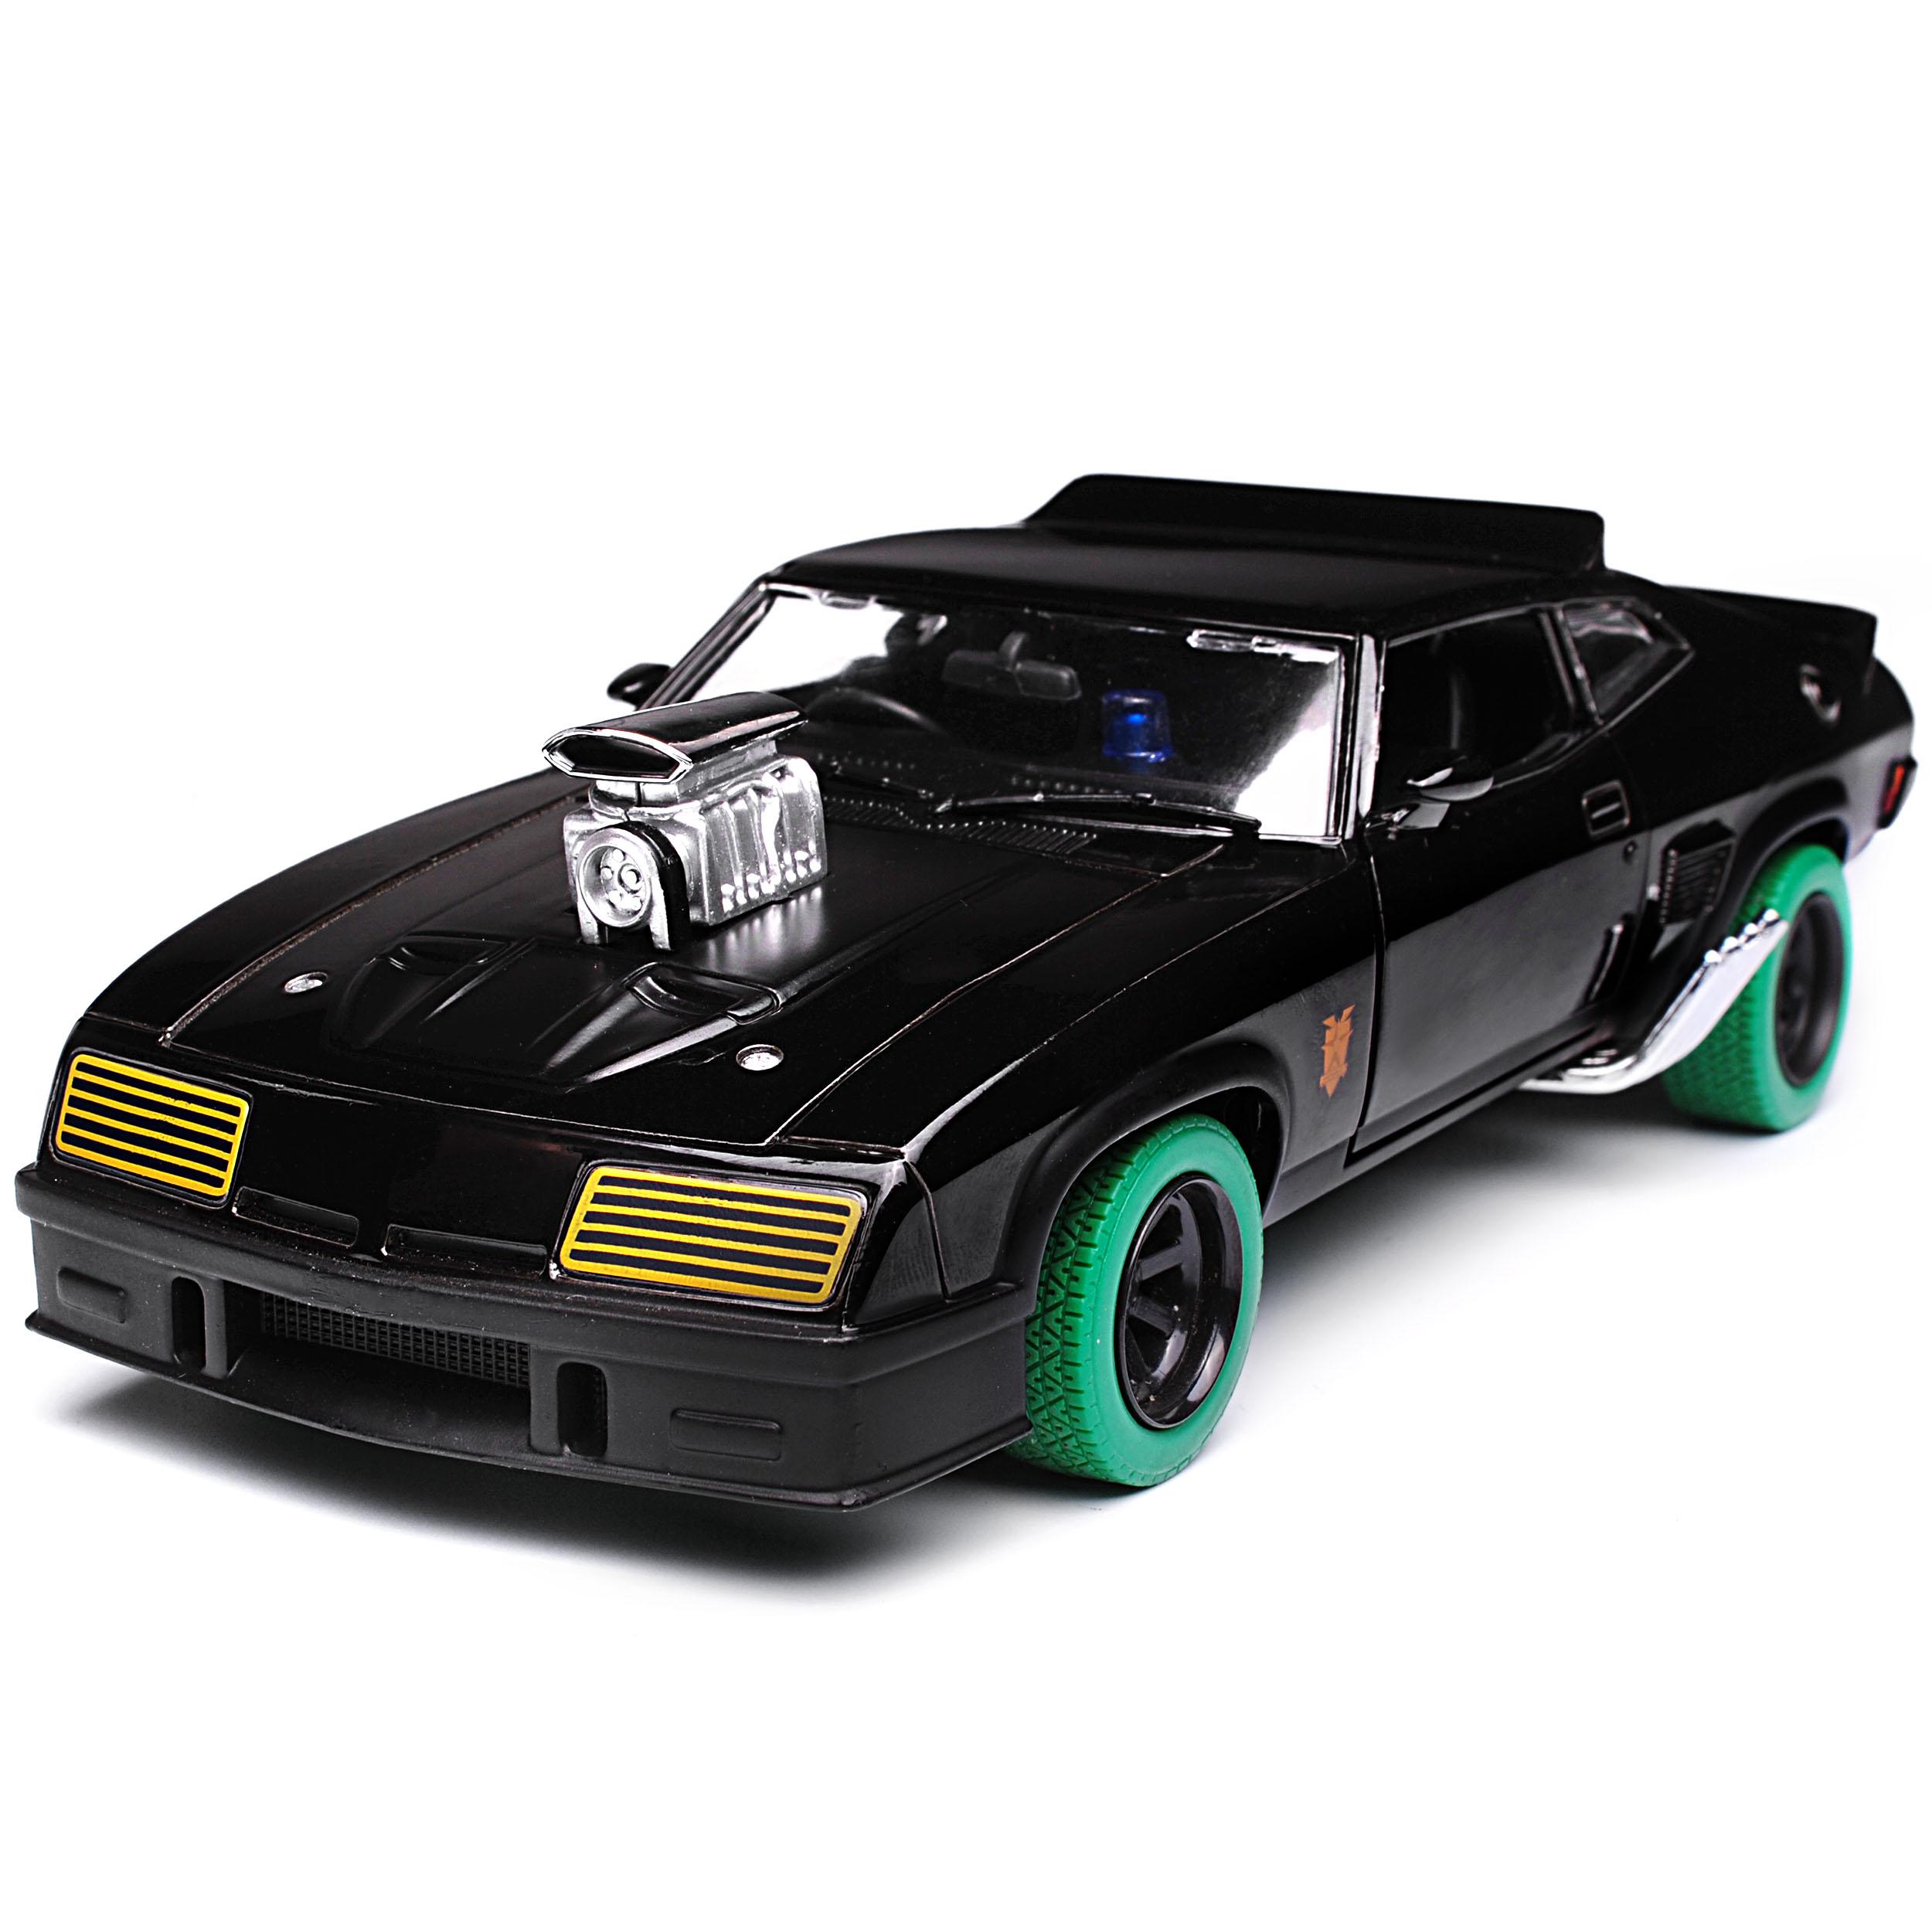 Ford-xb-Falcon-tuned-version-Mad-Max-II-2-Black-interceptor-negro-con-Gruene miniatura 8